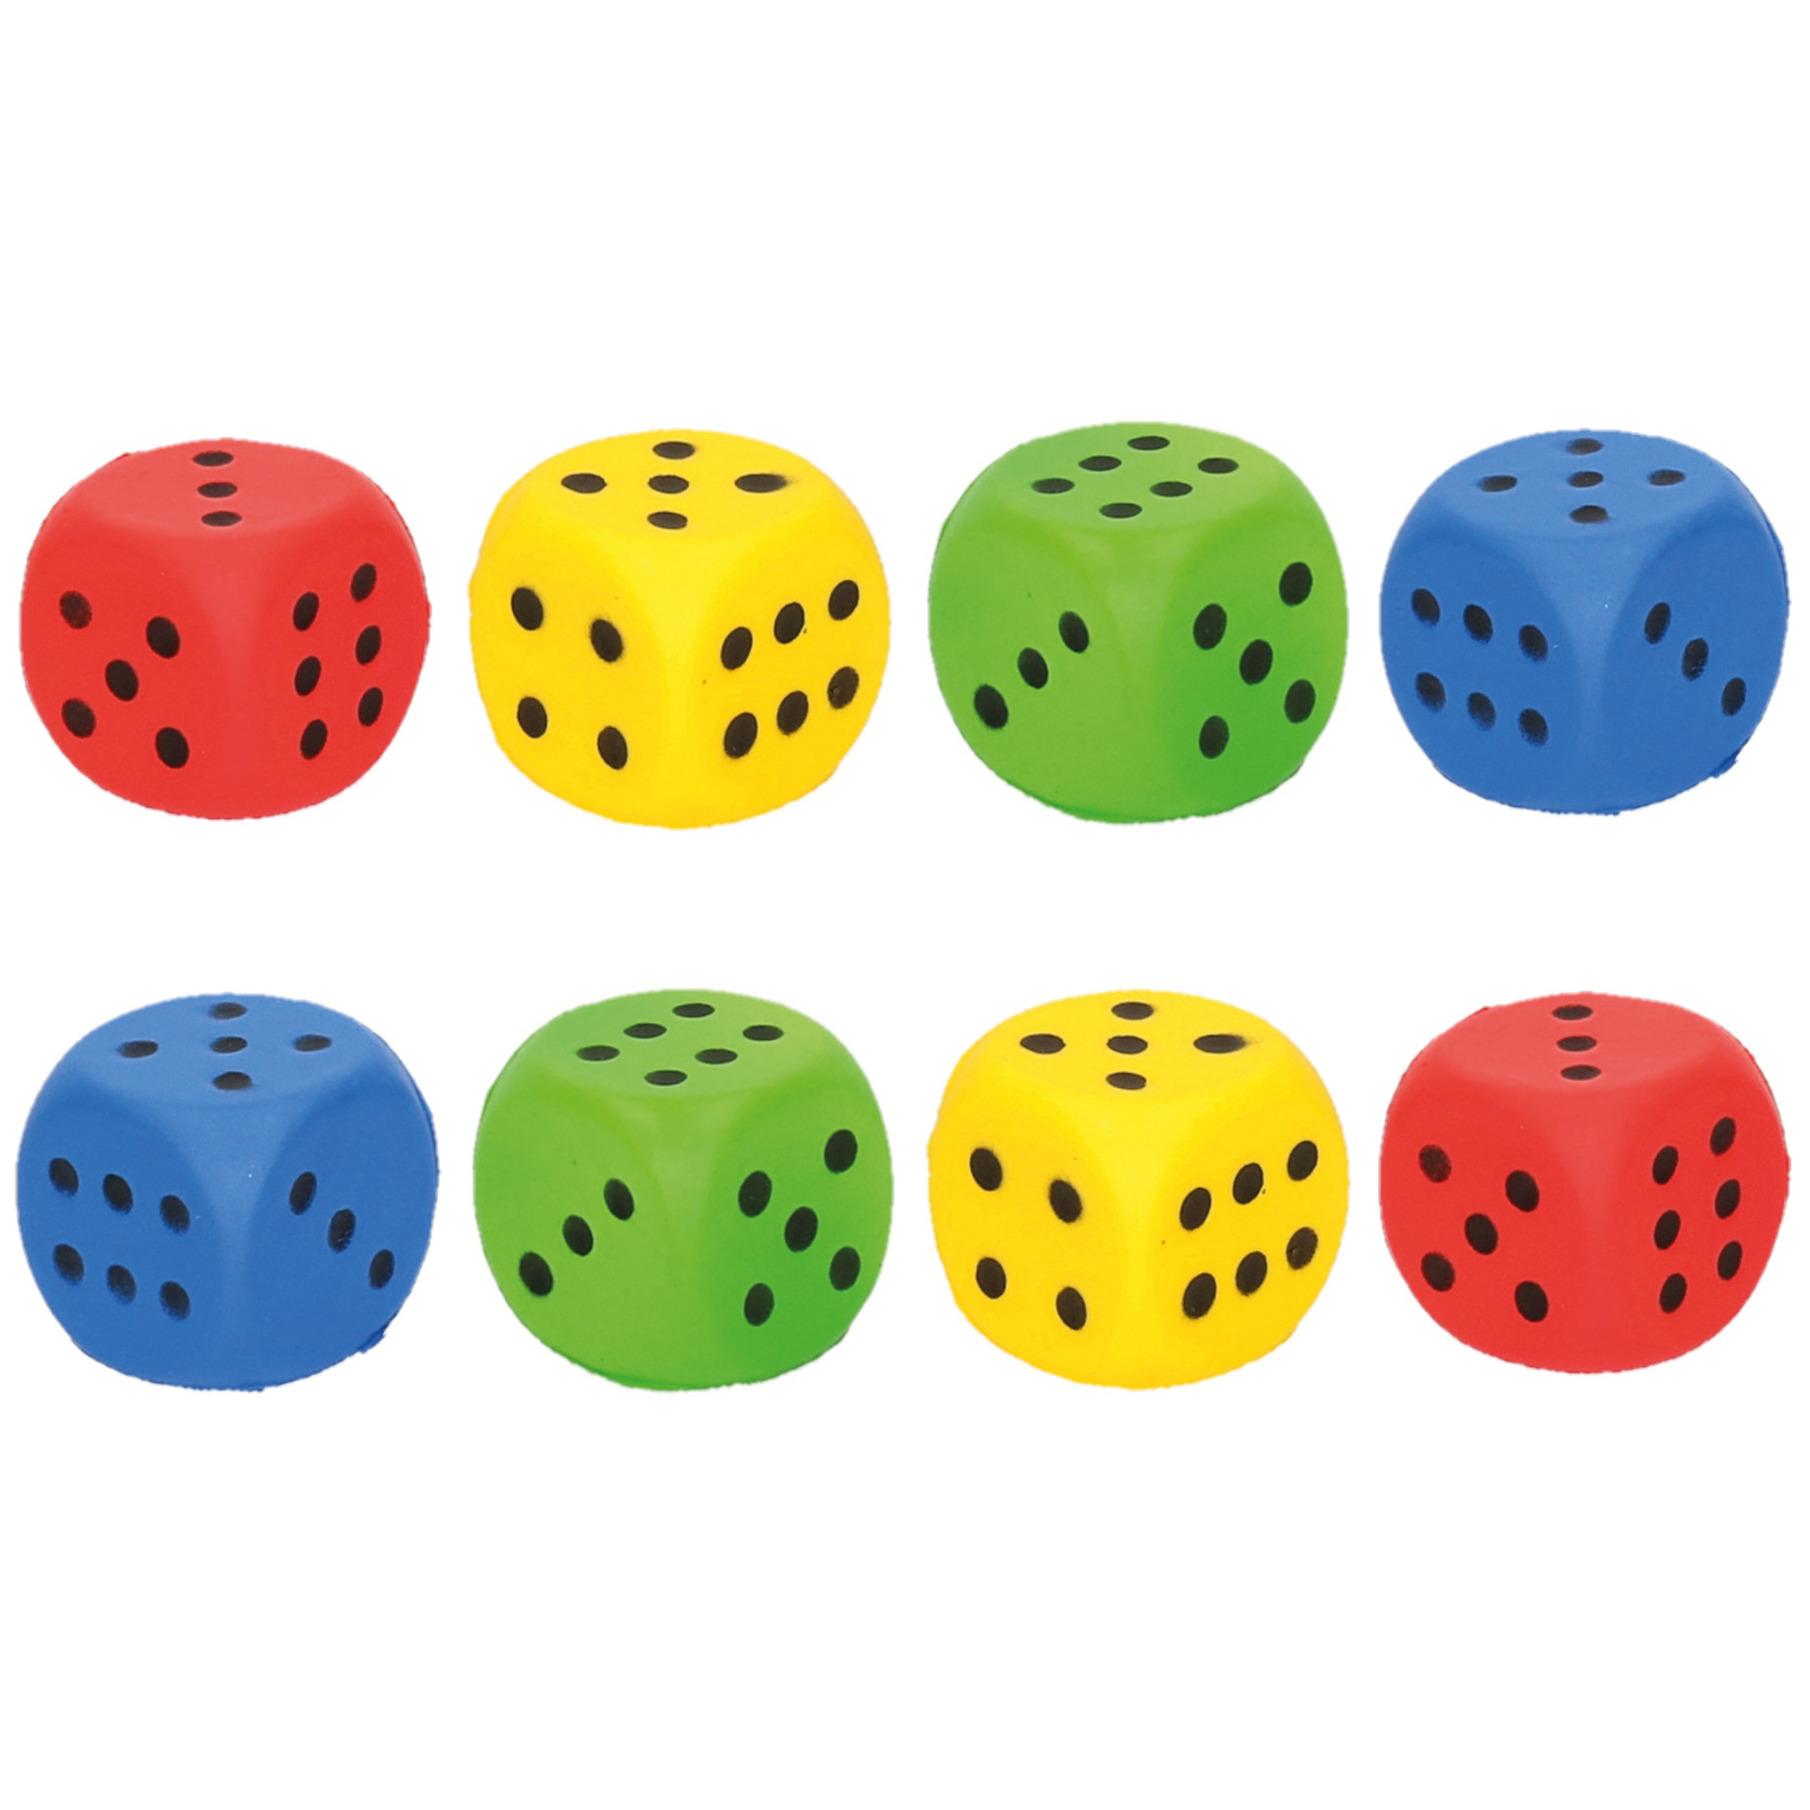 Set van 8x stuks speelgoed dobbelstenen van 4 x 4 cm